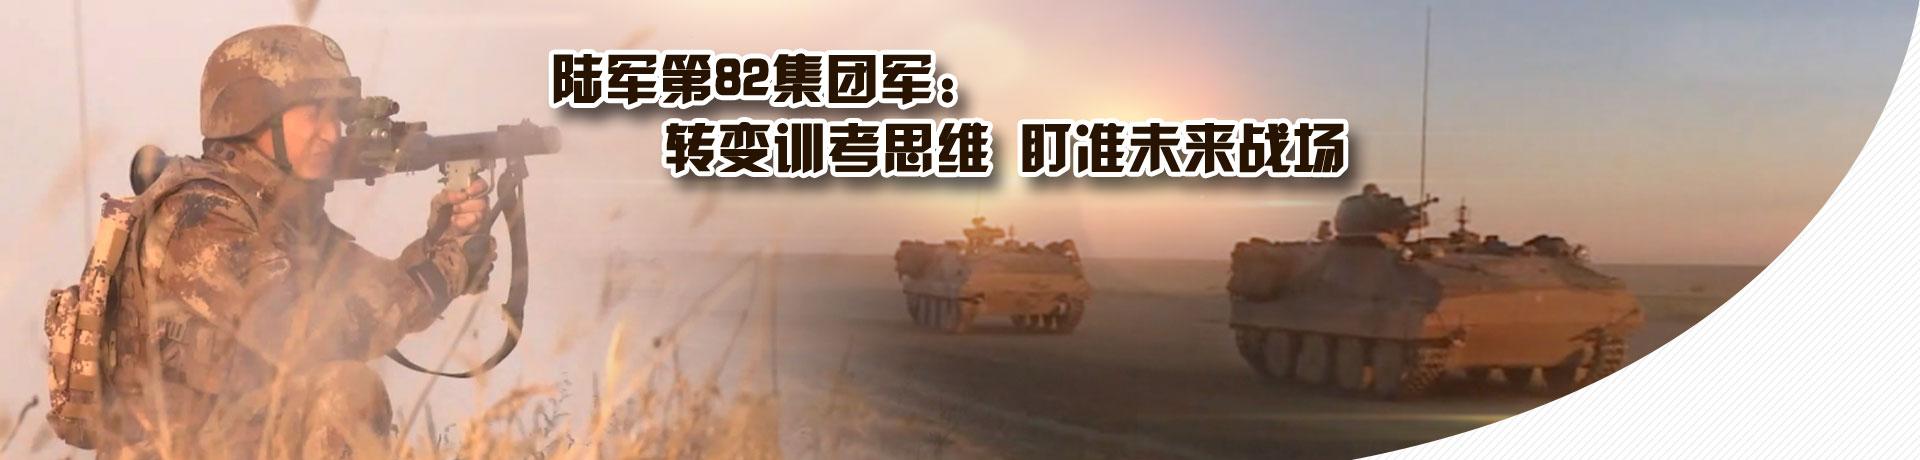 陆军第82集团军:转变训考思维 盯准未来战场